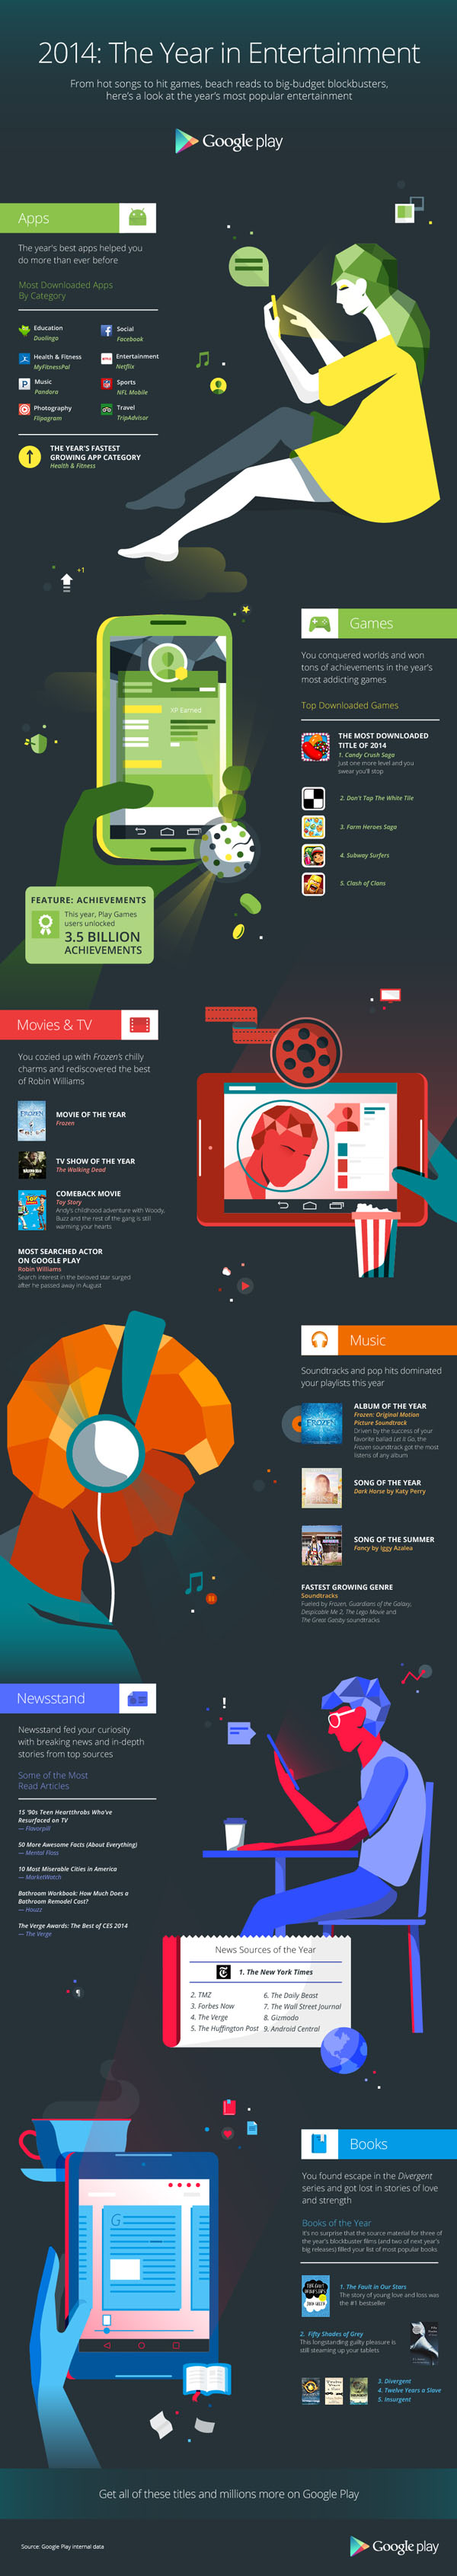 GooglePlay_EOY-infographic_v7